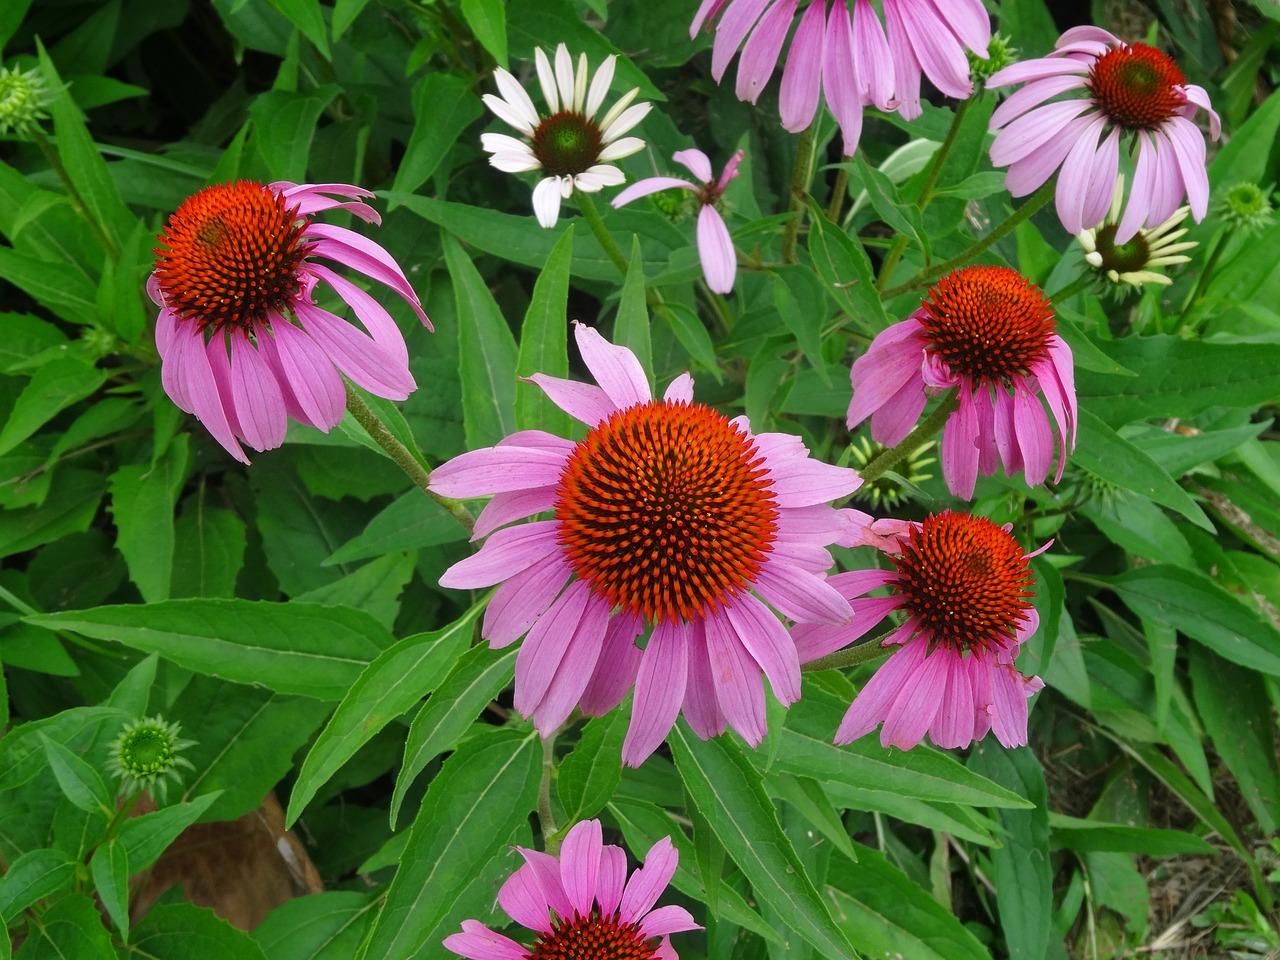 цветы эхинацея посадка и уход фото барселоне отличные